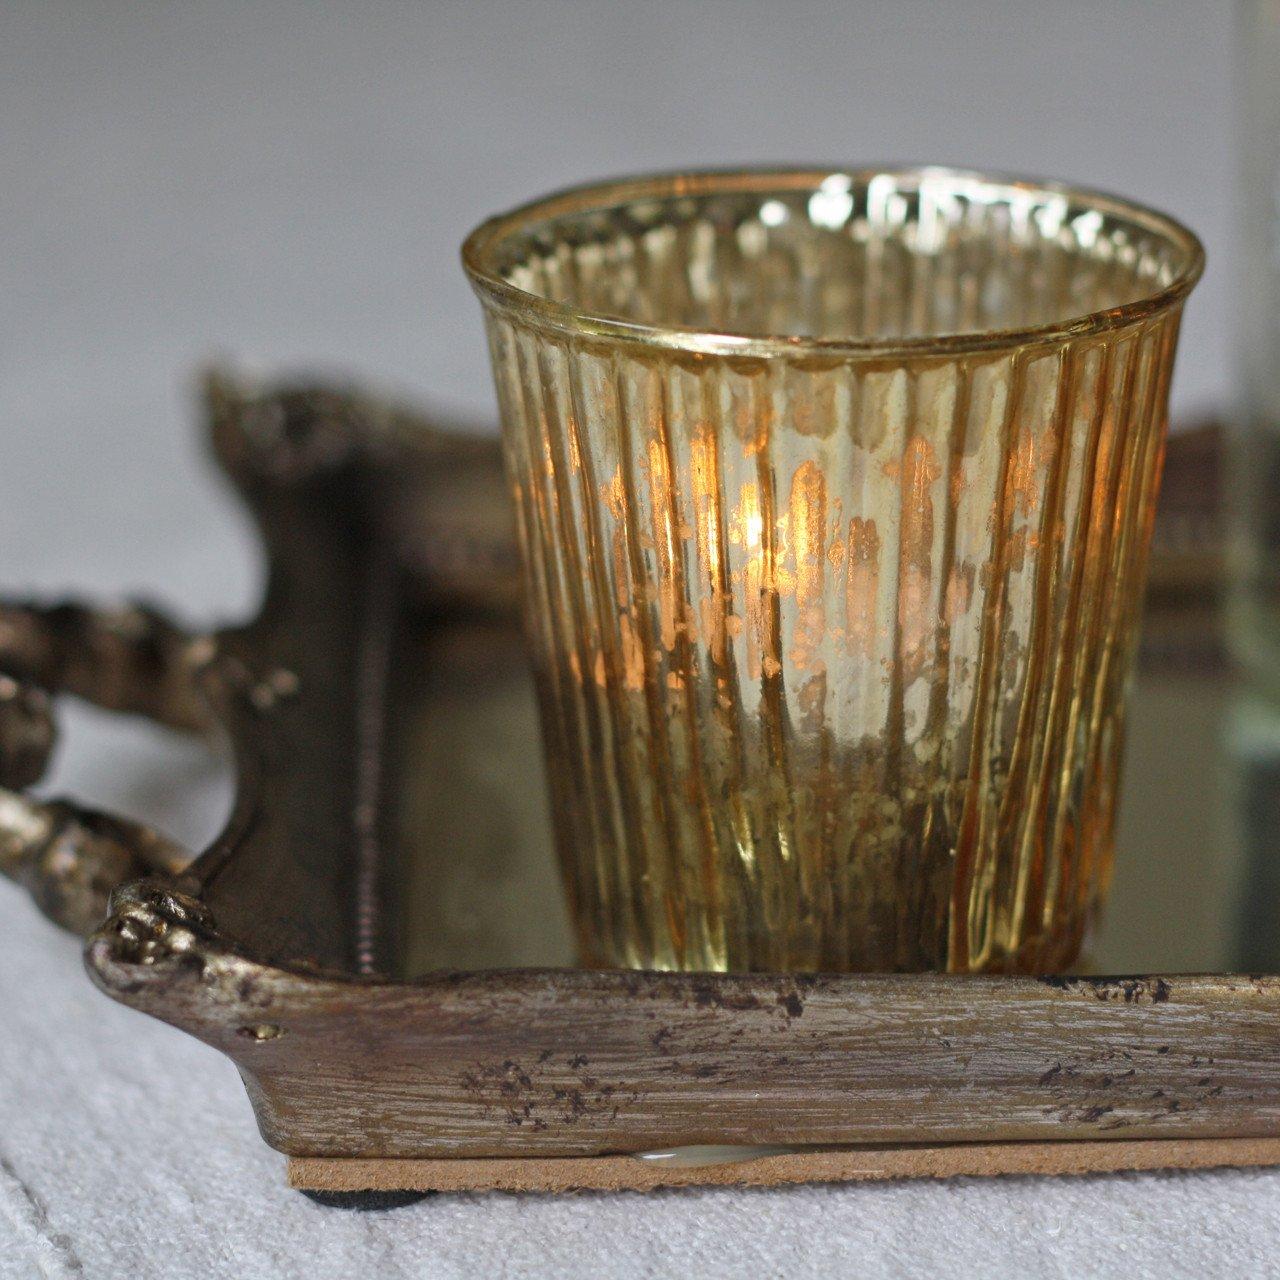 gold_tea_light_holders_ribbed_glass_2.jpg